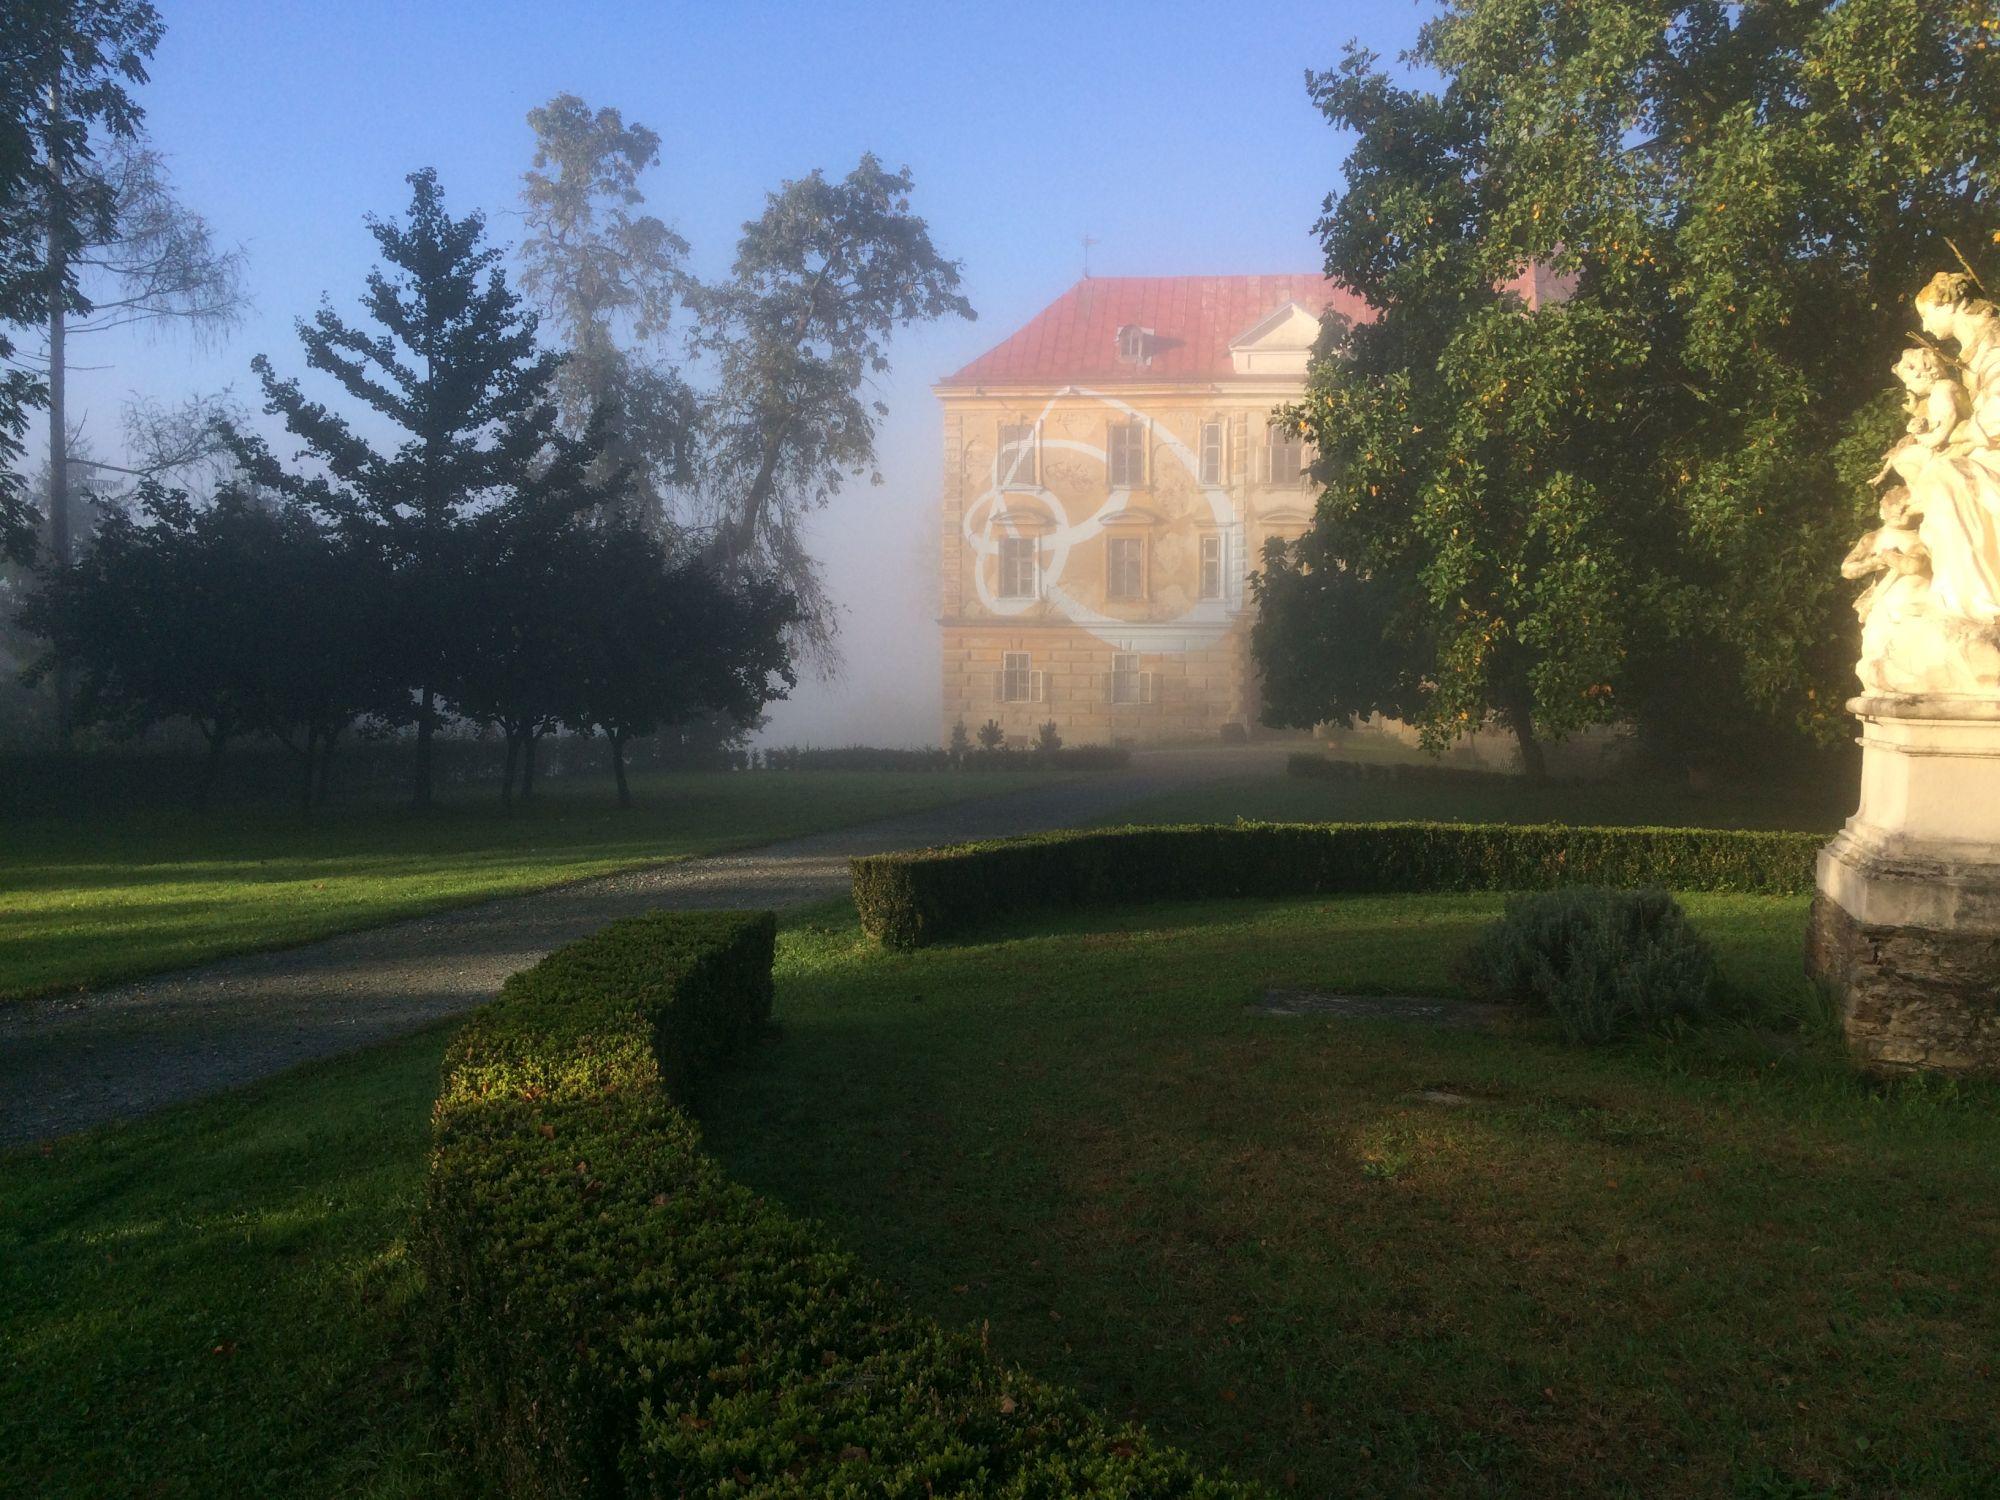 Quitten und Buchsbaum Gestaltung Schlosspark Hornegg